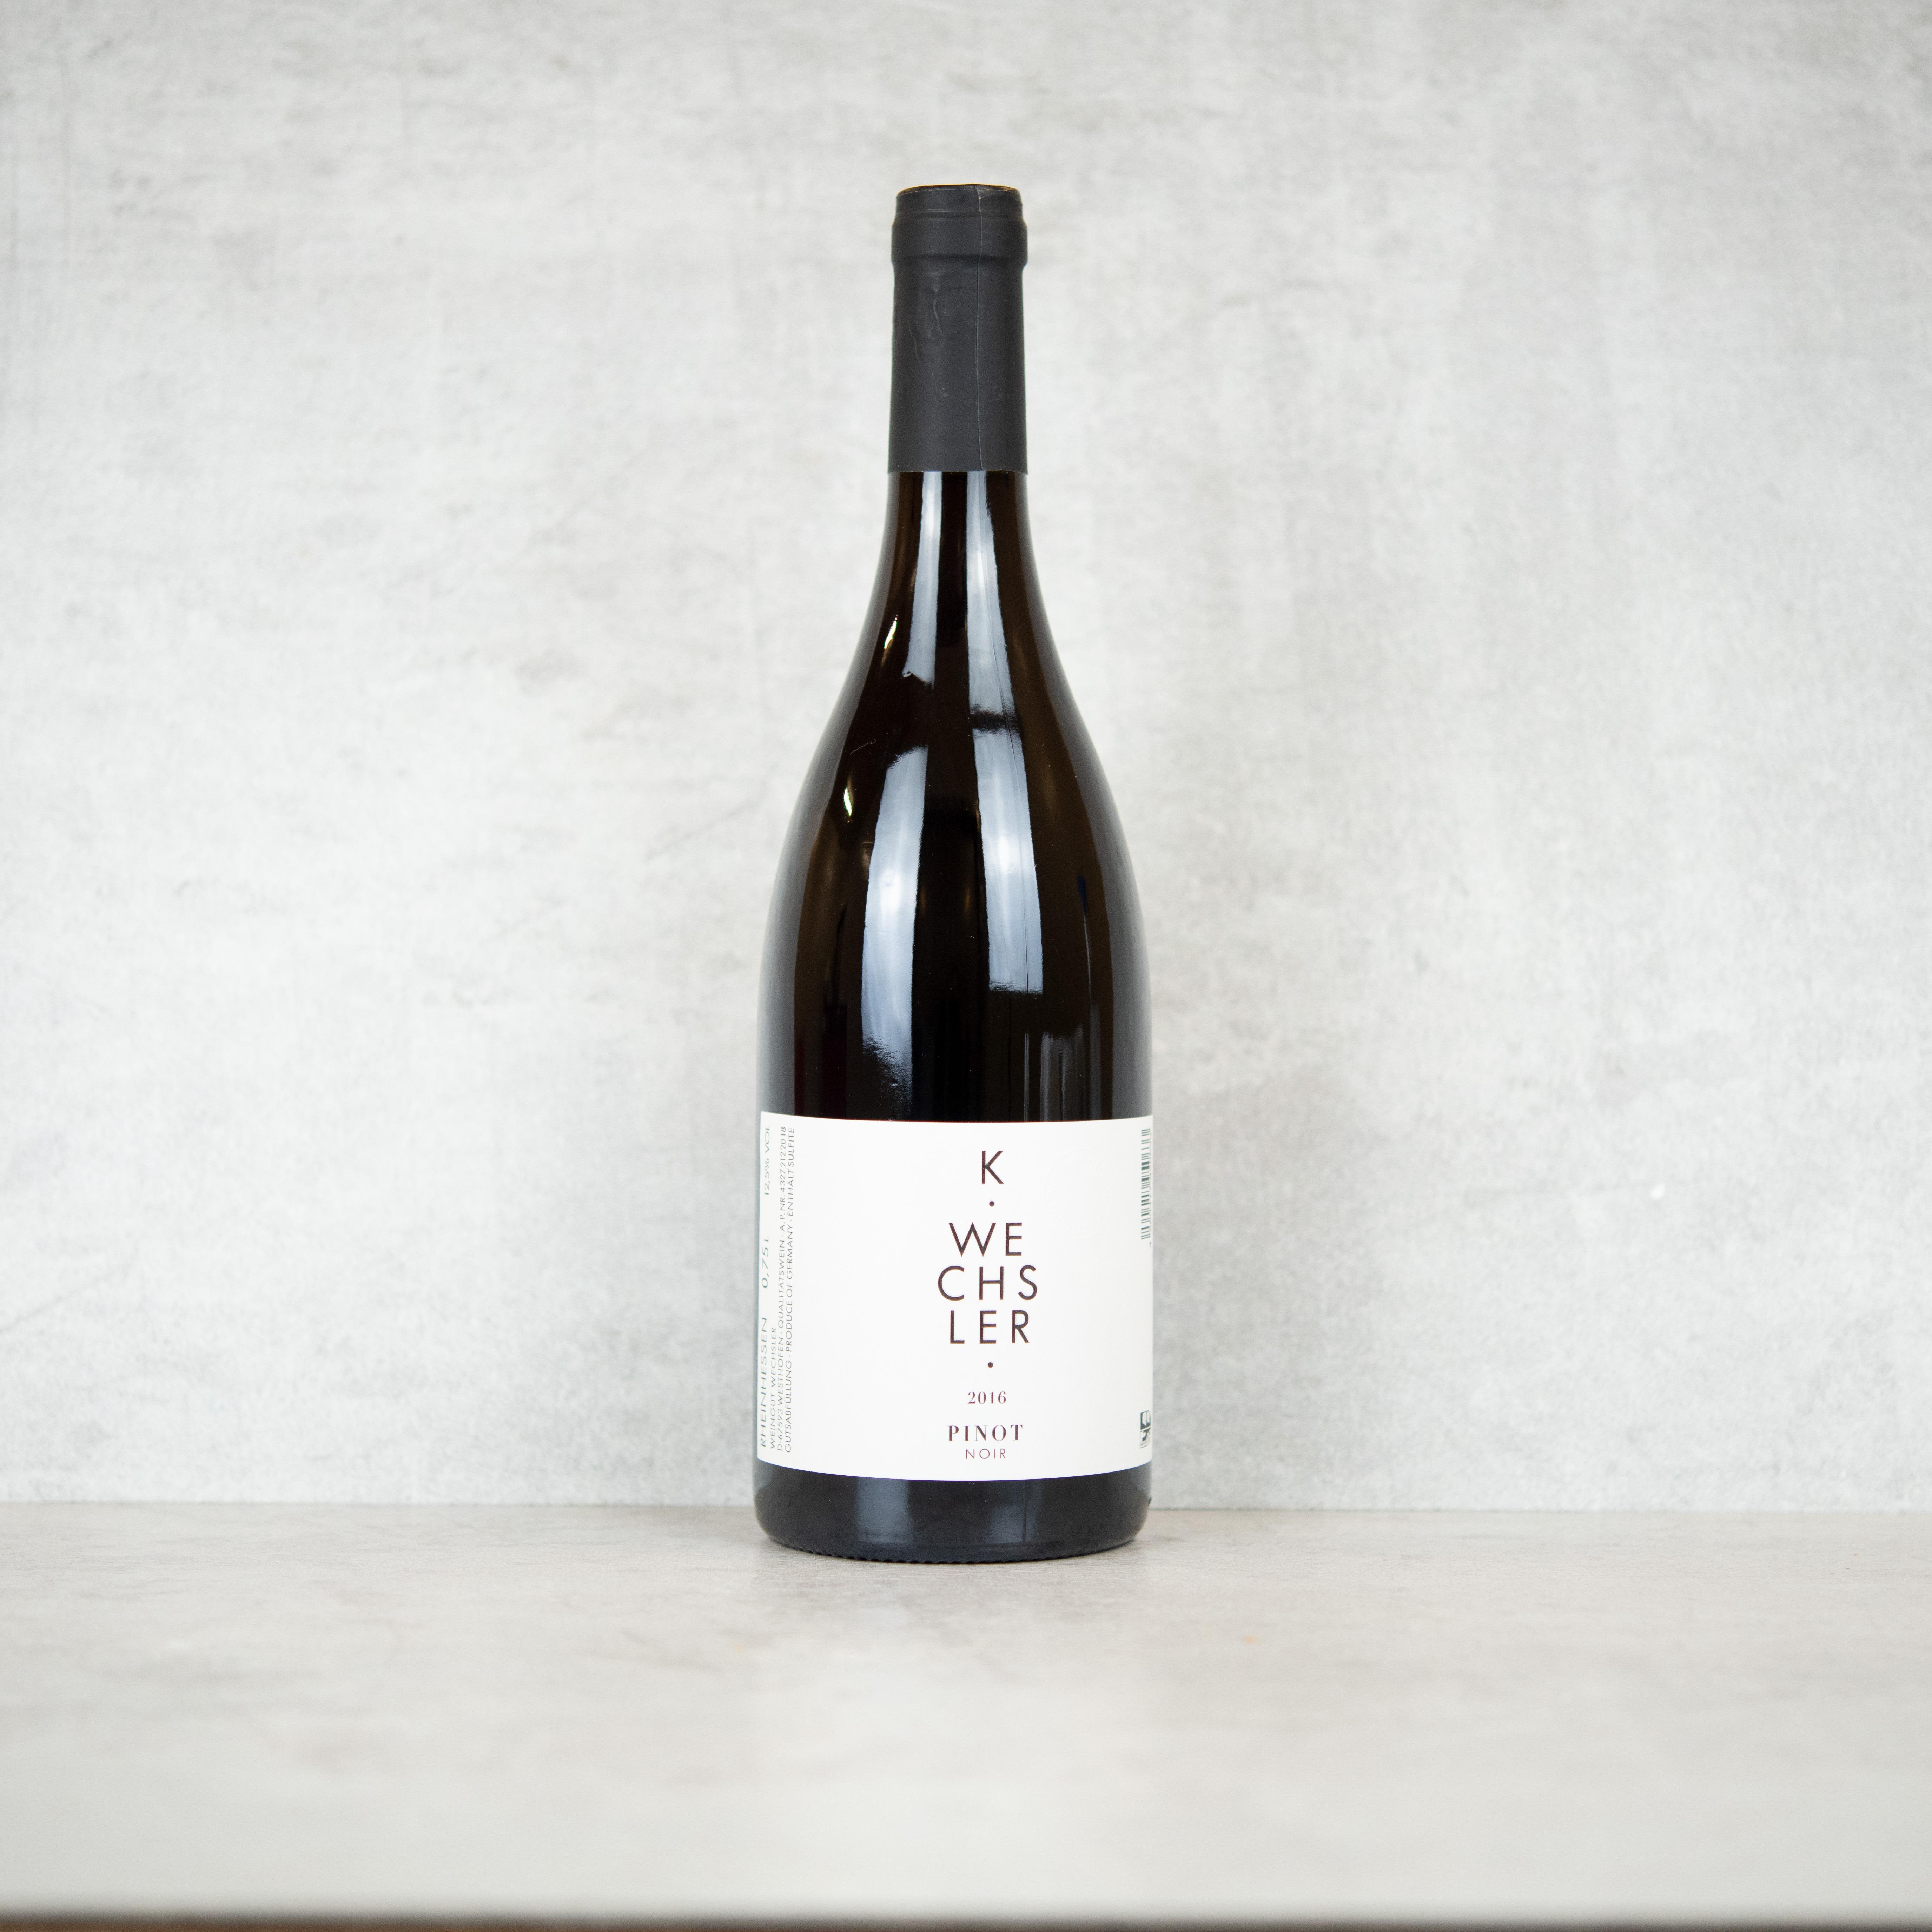 Pinot_Noir_Katharina_Wechsler_Rheinhessen_Markthalle20_Wein